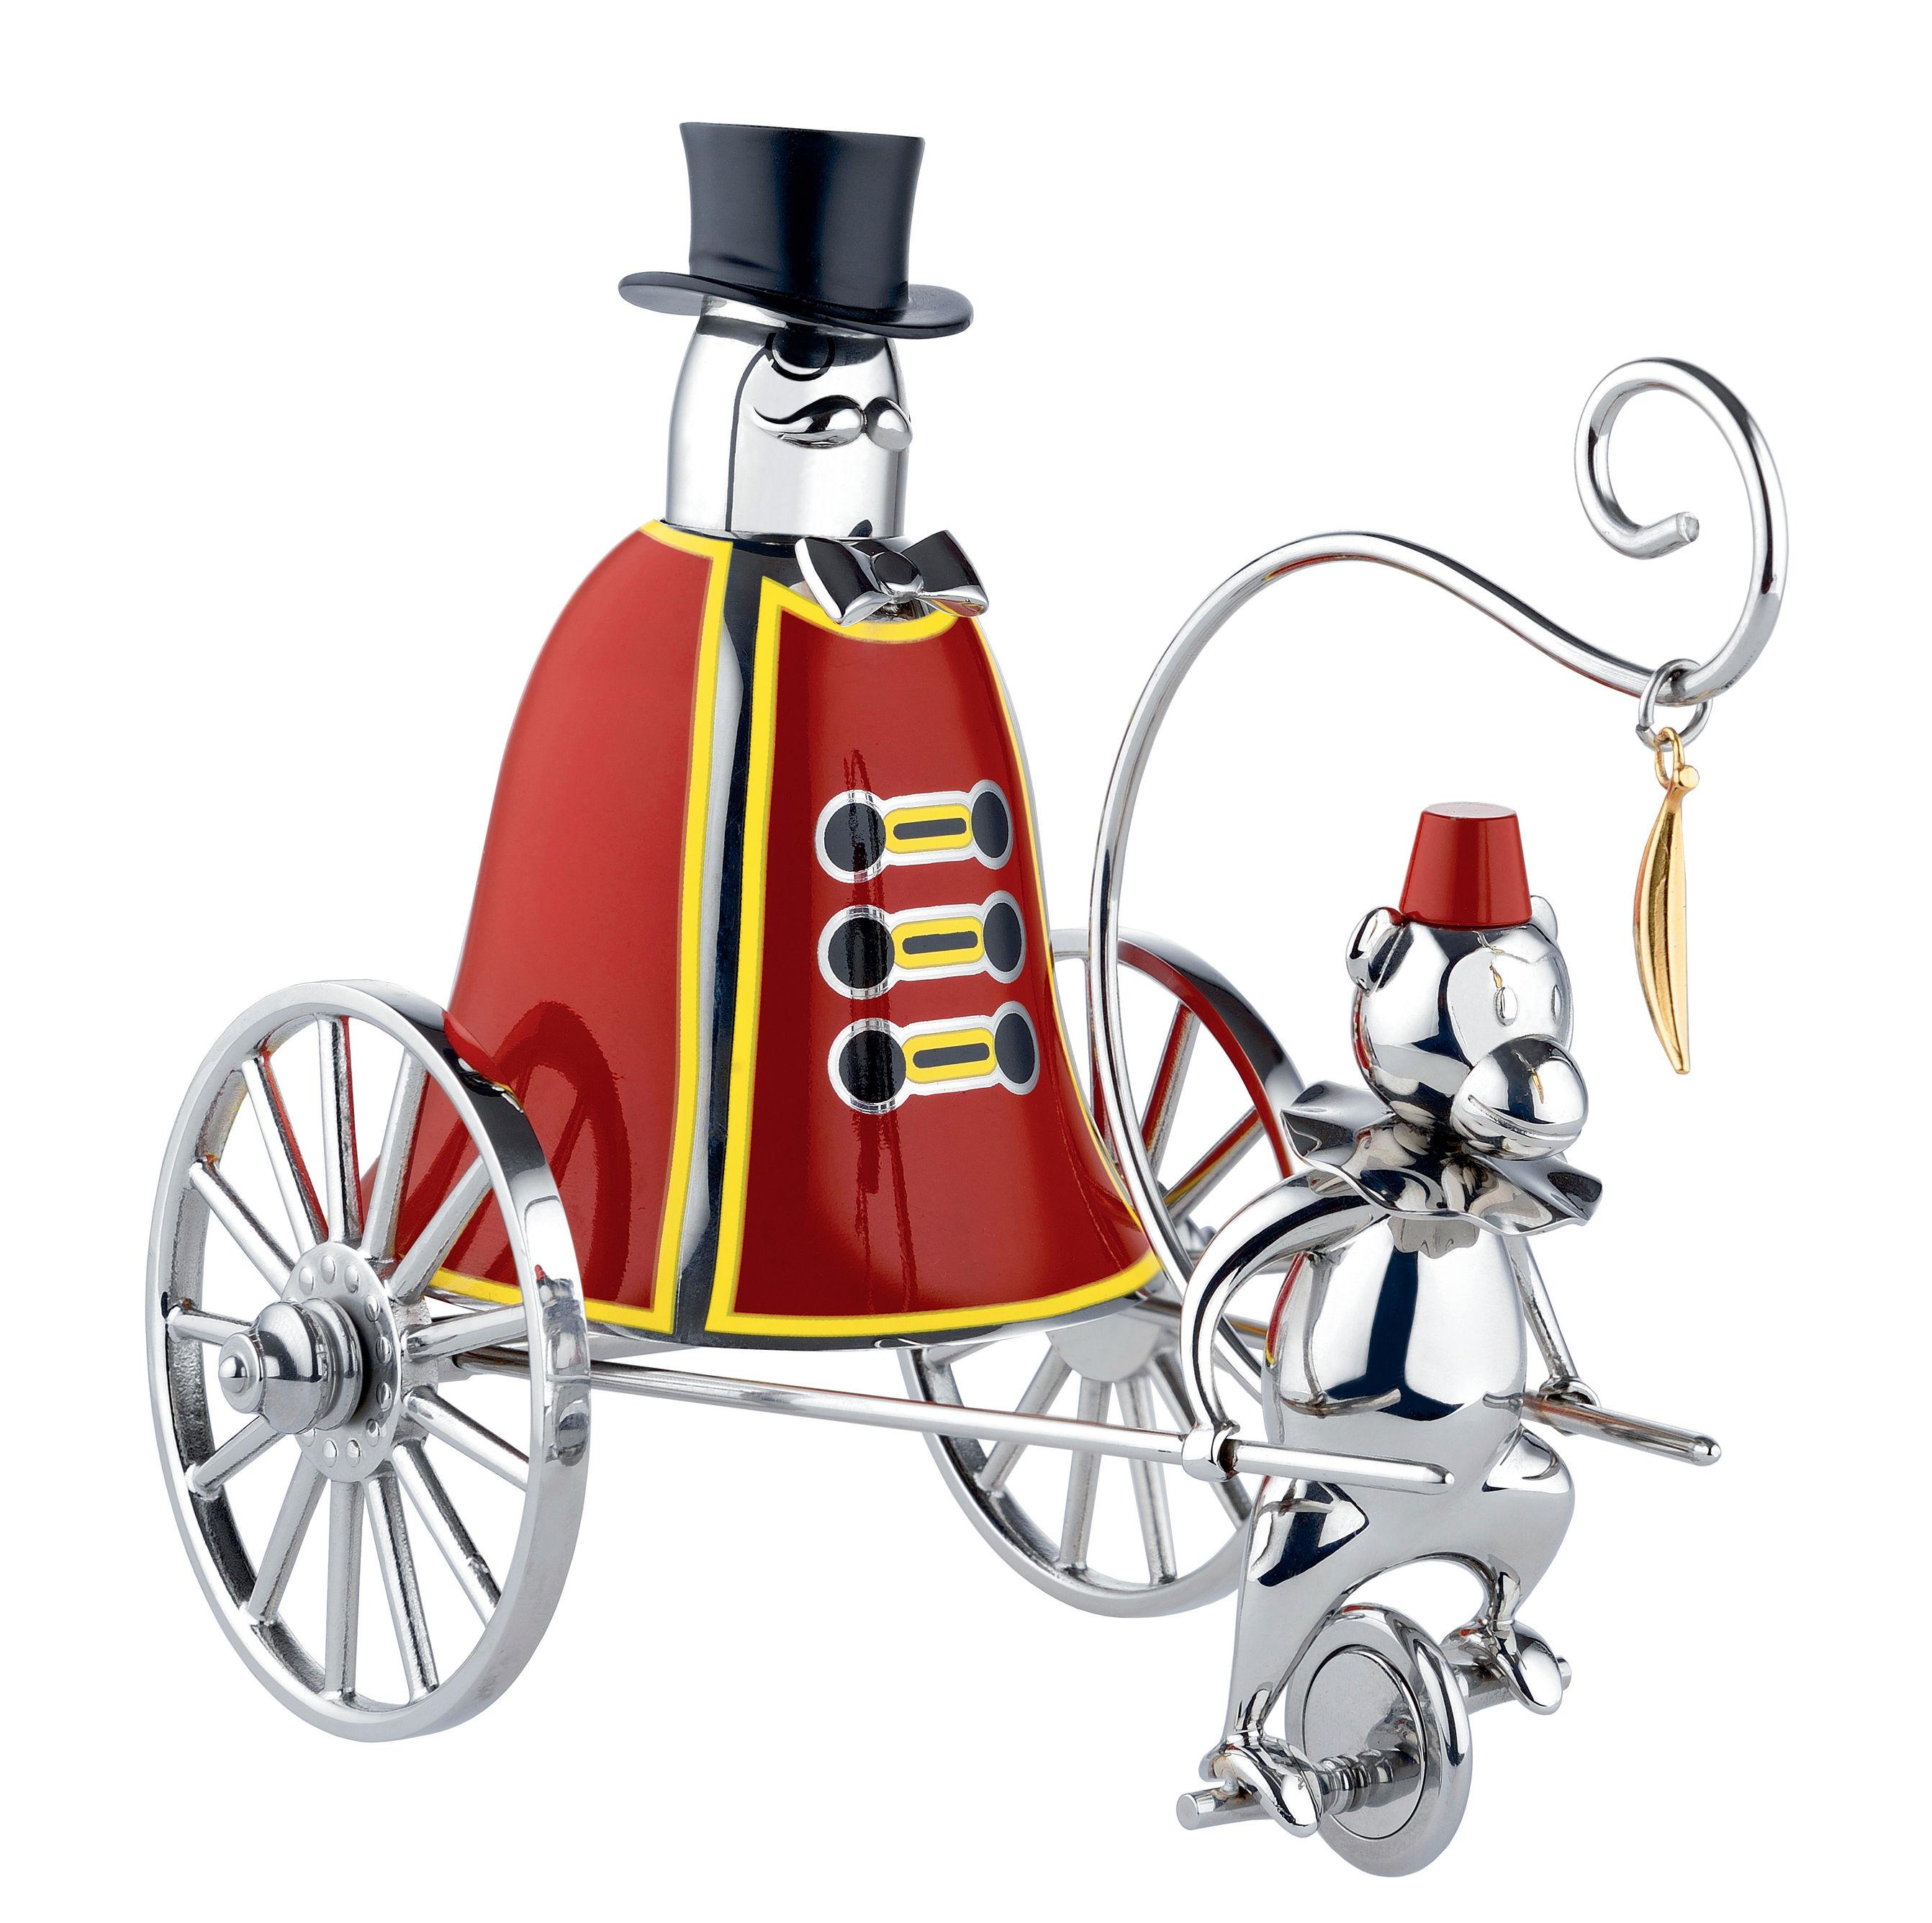 Arts de la table - Accessoires - Sonnette de table Ringleader / Circus - Edition limitée numérotée - Alessi - Multicolore - Acier inoxydable peint